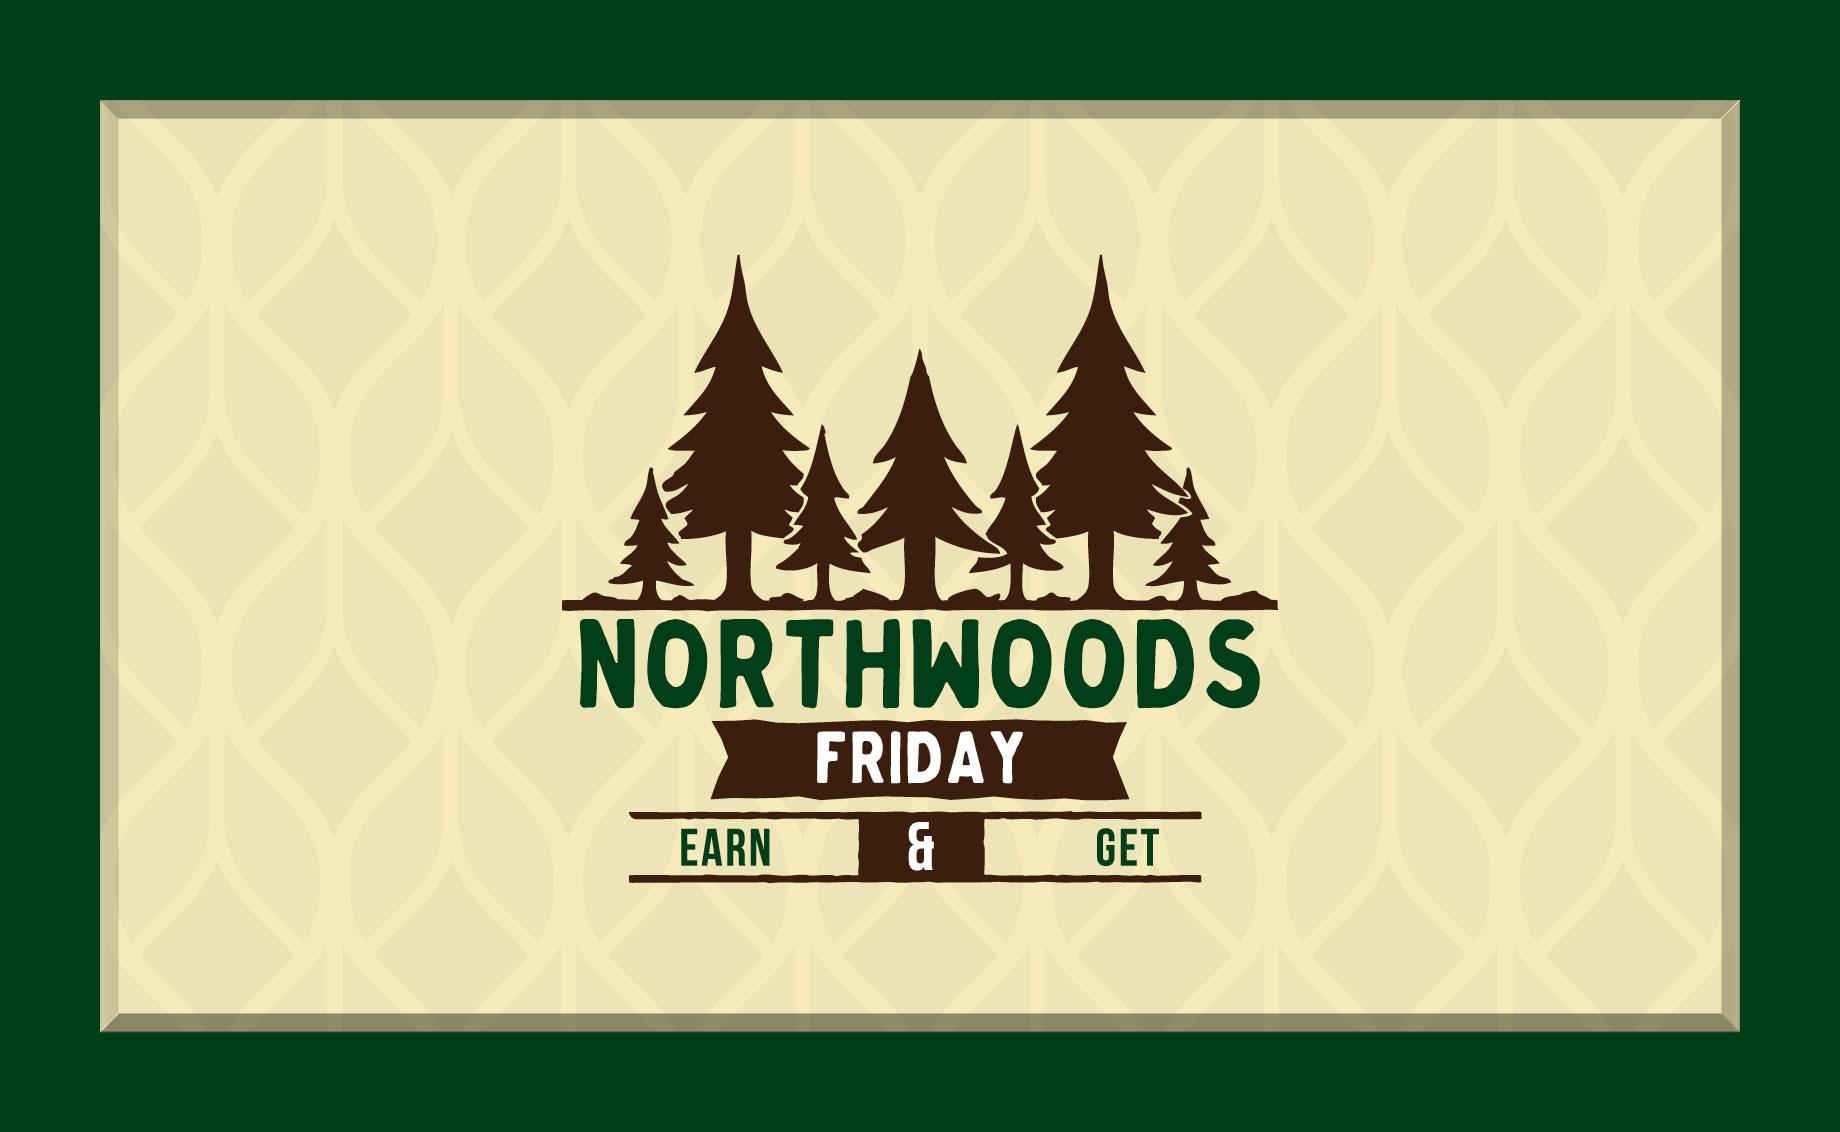 Northwoods Earn & Get